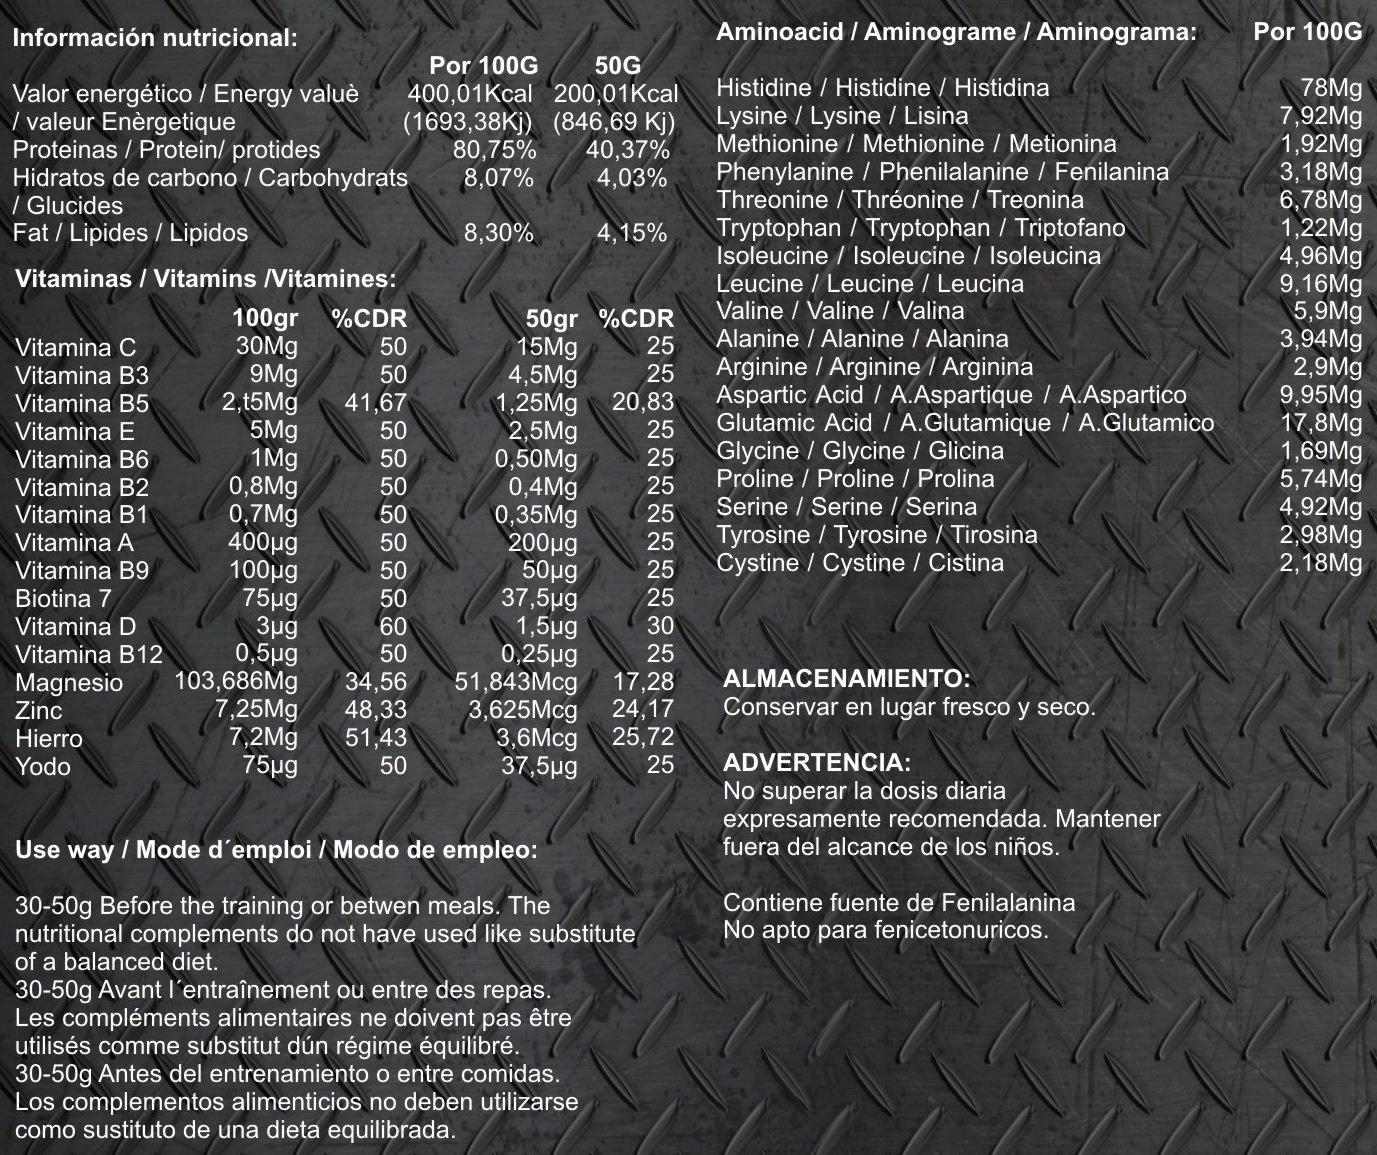 Whey Protein 100% 2kg profesional, proteina de suero, sabor chocolate: Amazon.es: Salud y cuidado personal